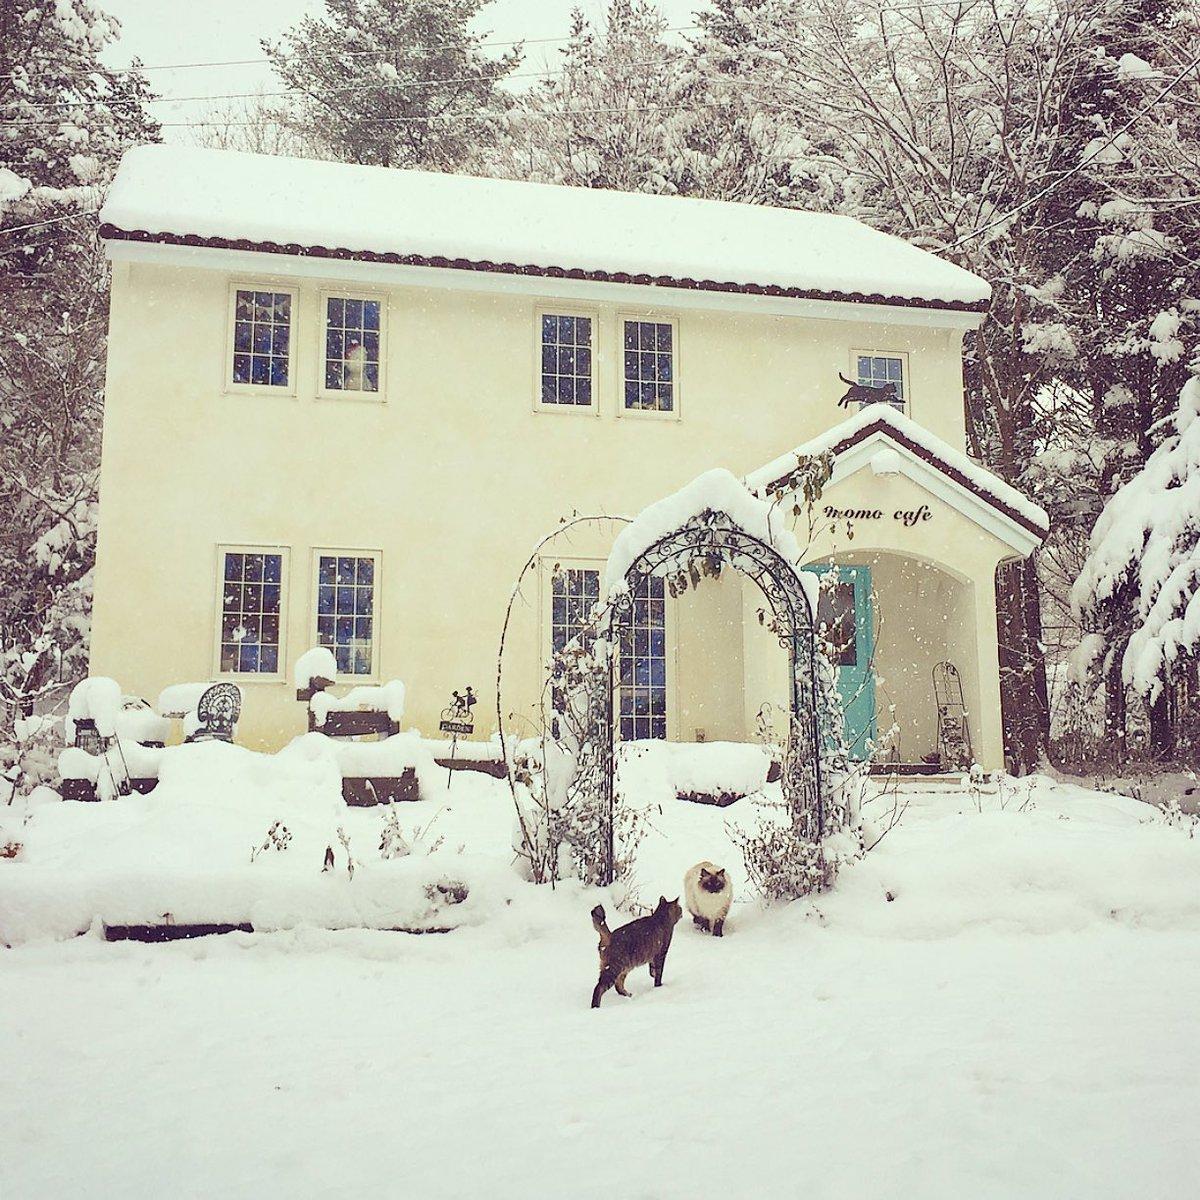 ものすごく寒くて、雪がたくさん降って、冬はとても大変な季節なのだけれど、美しい雪景色ともっこもこになる猫たちの姿が毎年楽しみでならないです。 ( ๑・ㅂ・)特にルルは立派になります。